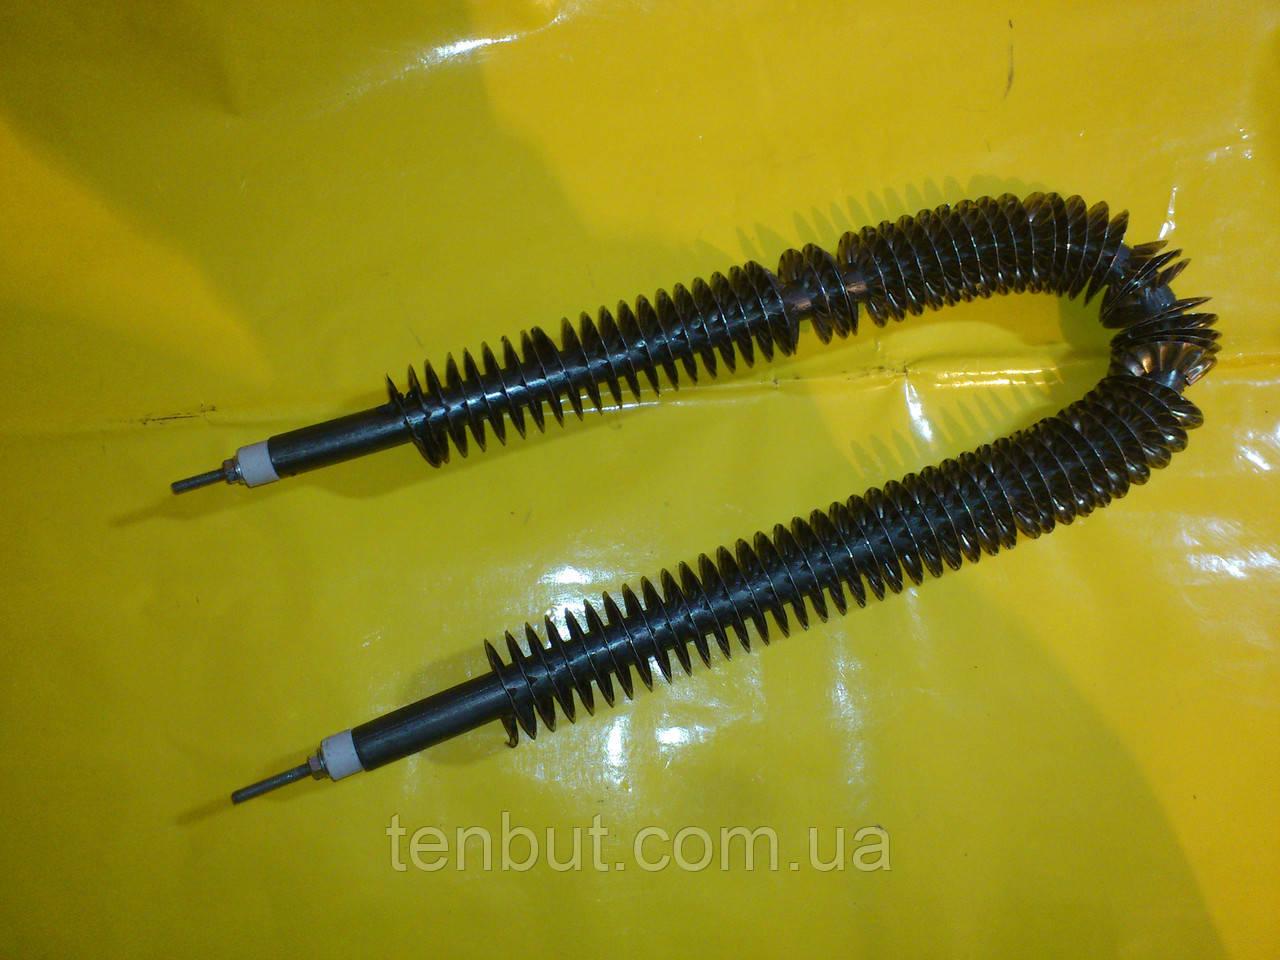 Тэн воздушный оребрённый дуга Ф-13 мм./ L-45 см./ 1.0 кВт. чёрный металл